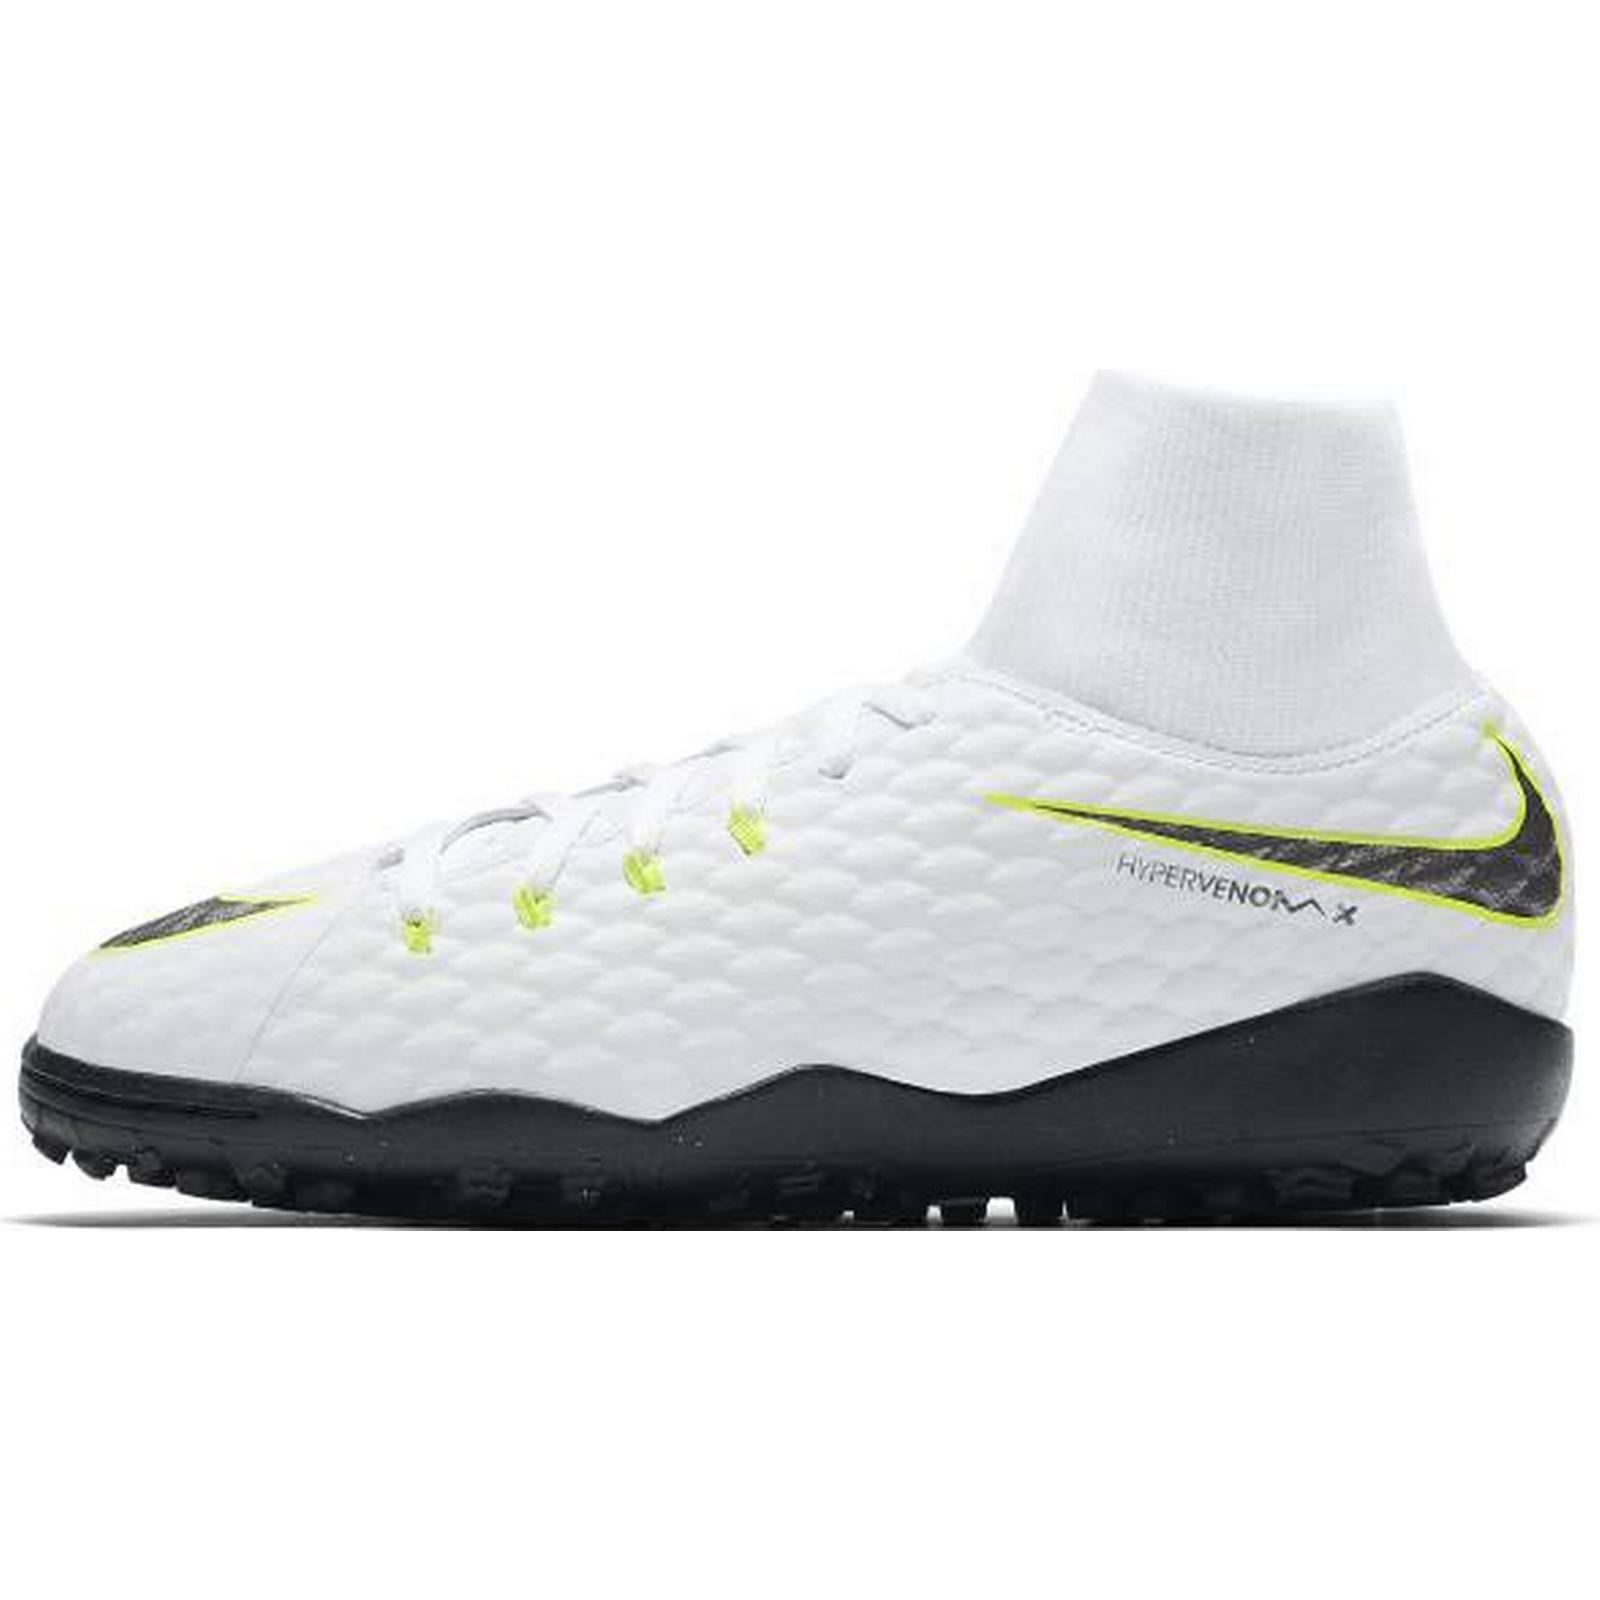 NIKE Korki Piłkarskie Turf Na Sztuczną Nawierzchnię Typu Turf Piłkarskie Dla Małych/dużych Dzieci Nike Hypervenom PhantomX III Elite Dynamic Fit TF 986184